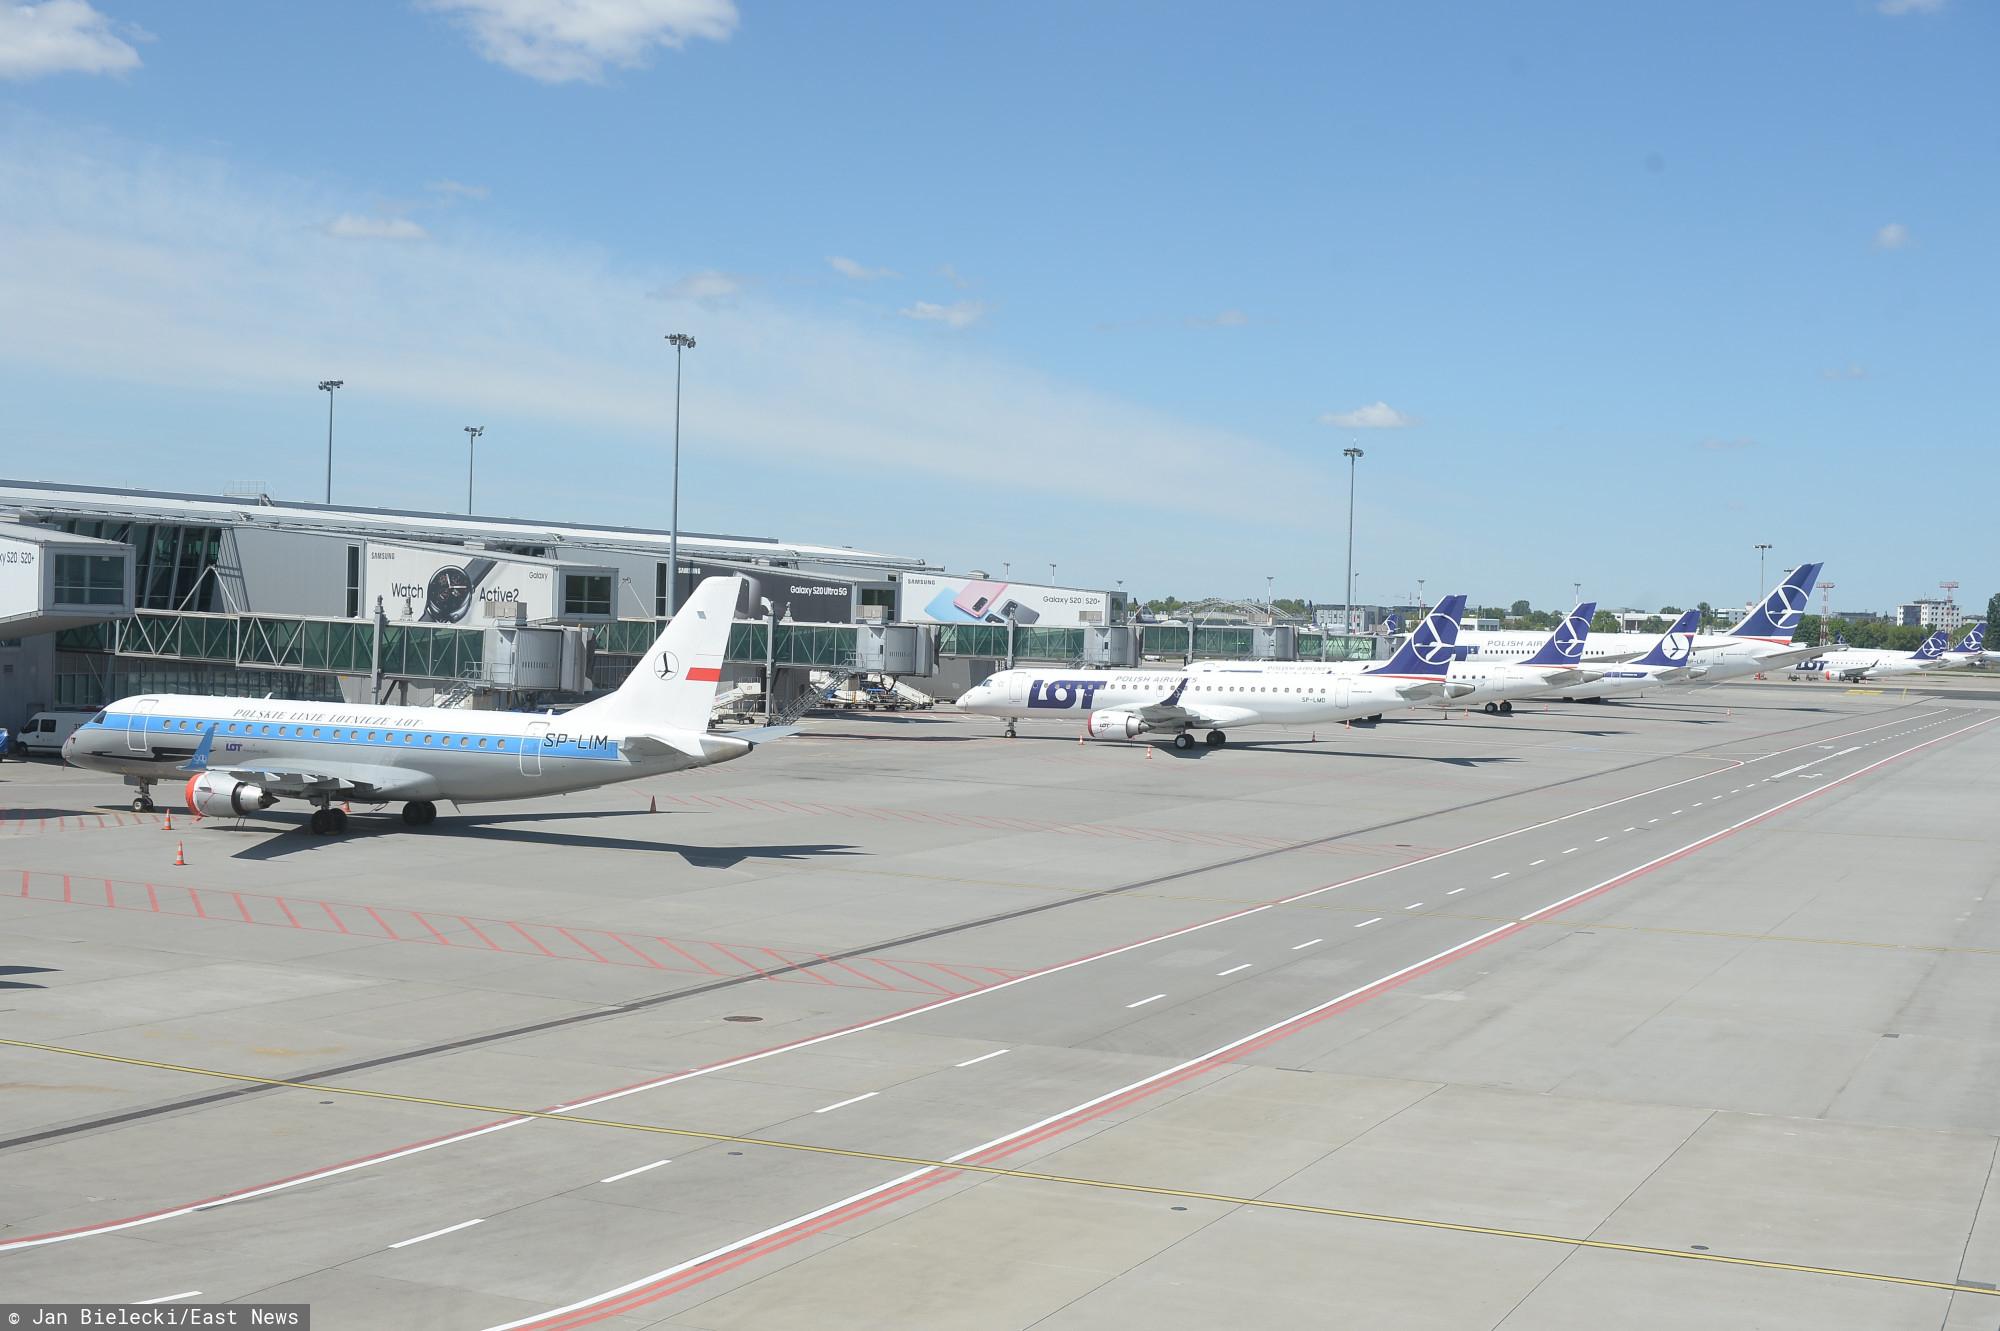 Skandaliczne sceny na polskim lotnisku. Strażnicy osłupieli widząc, co robią pasażerowie